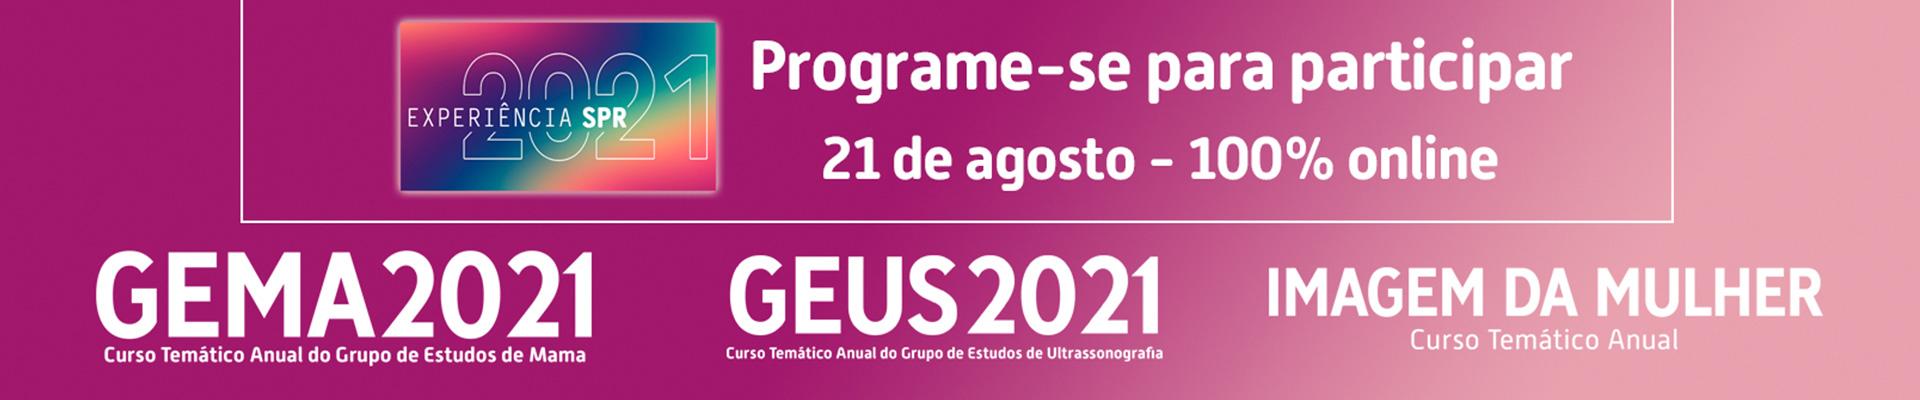 GEMA, GEUS e IMAGEM DA MULHER 2021